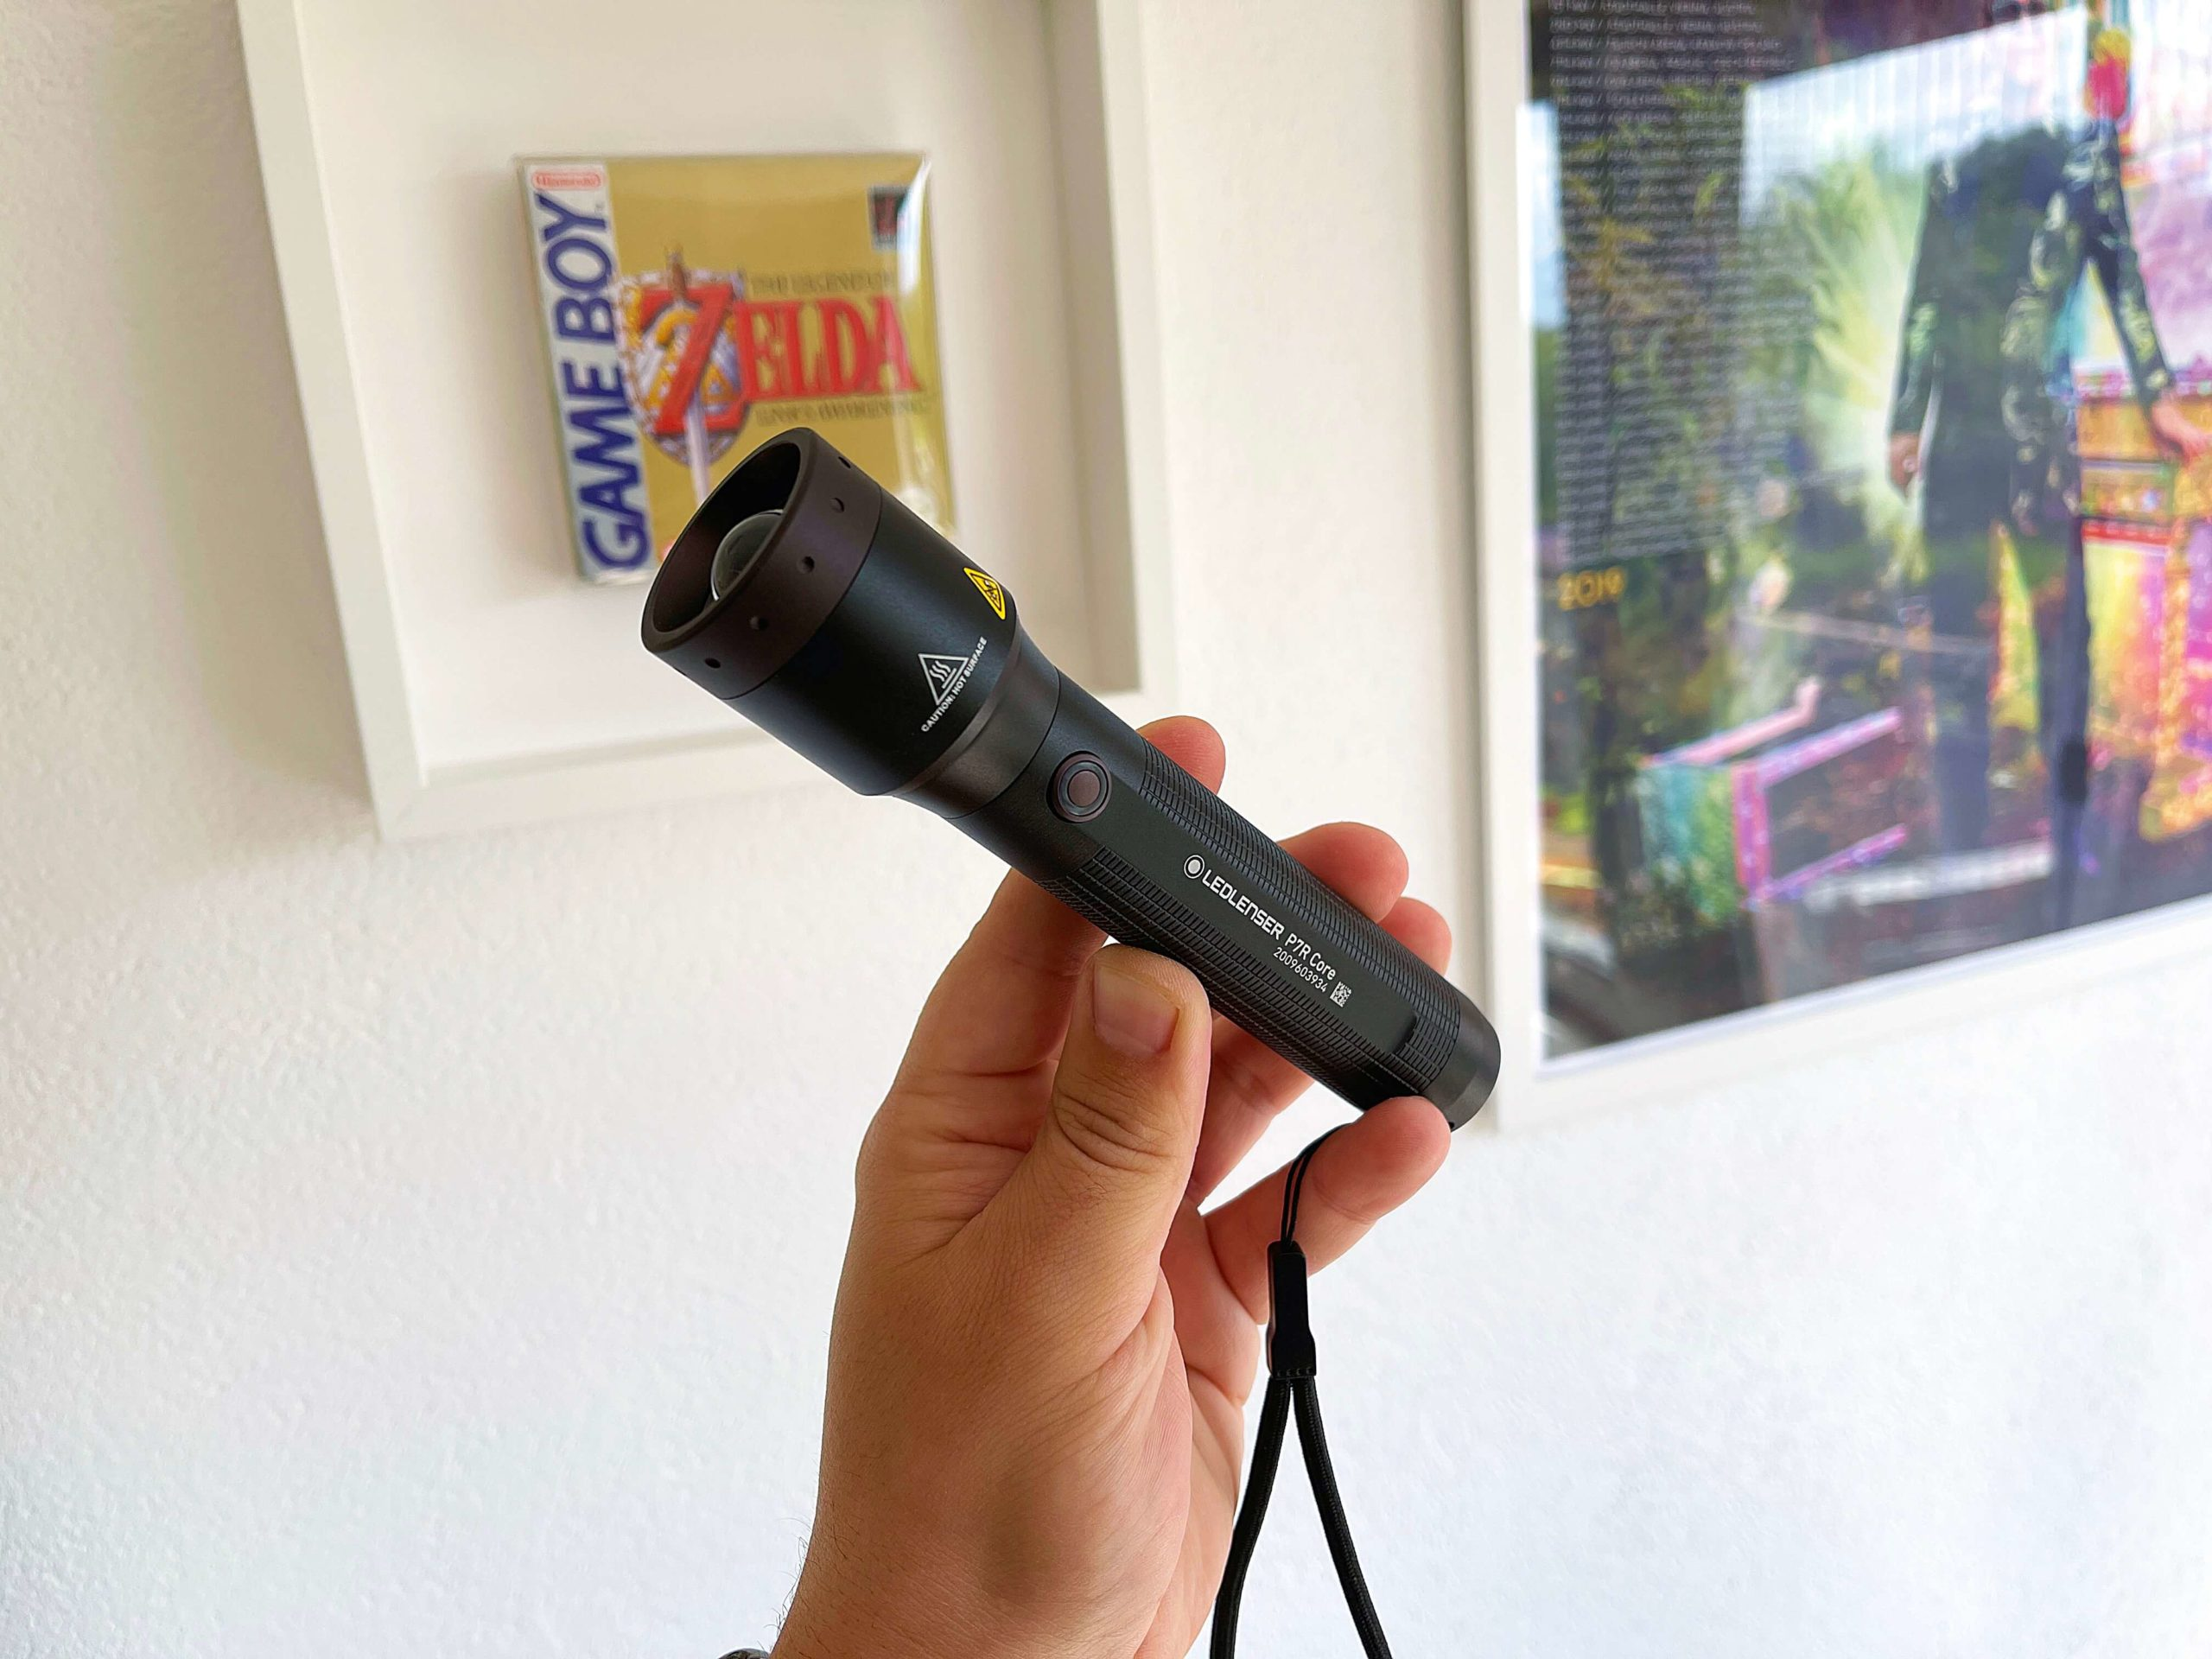 LED-Taschenlampe-P7R-Core-von-LEDLENSER-heller-als-jede-iPhone-Taschenlampe2-scaled LED-Taschenlampe P7R Core von LEDLENSER - heller als jede iPhone-Taschenlampe